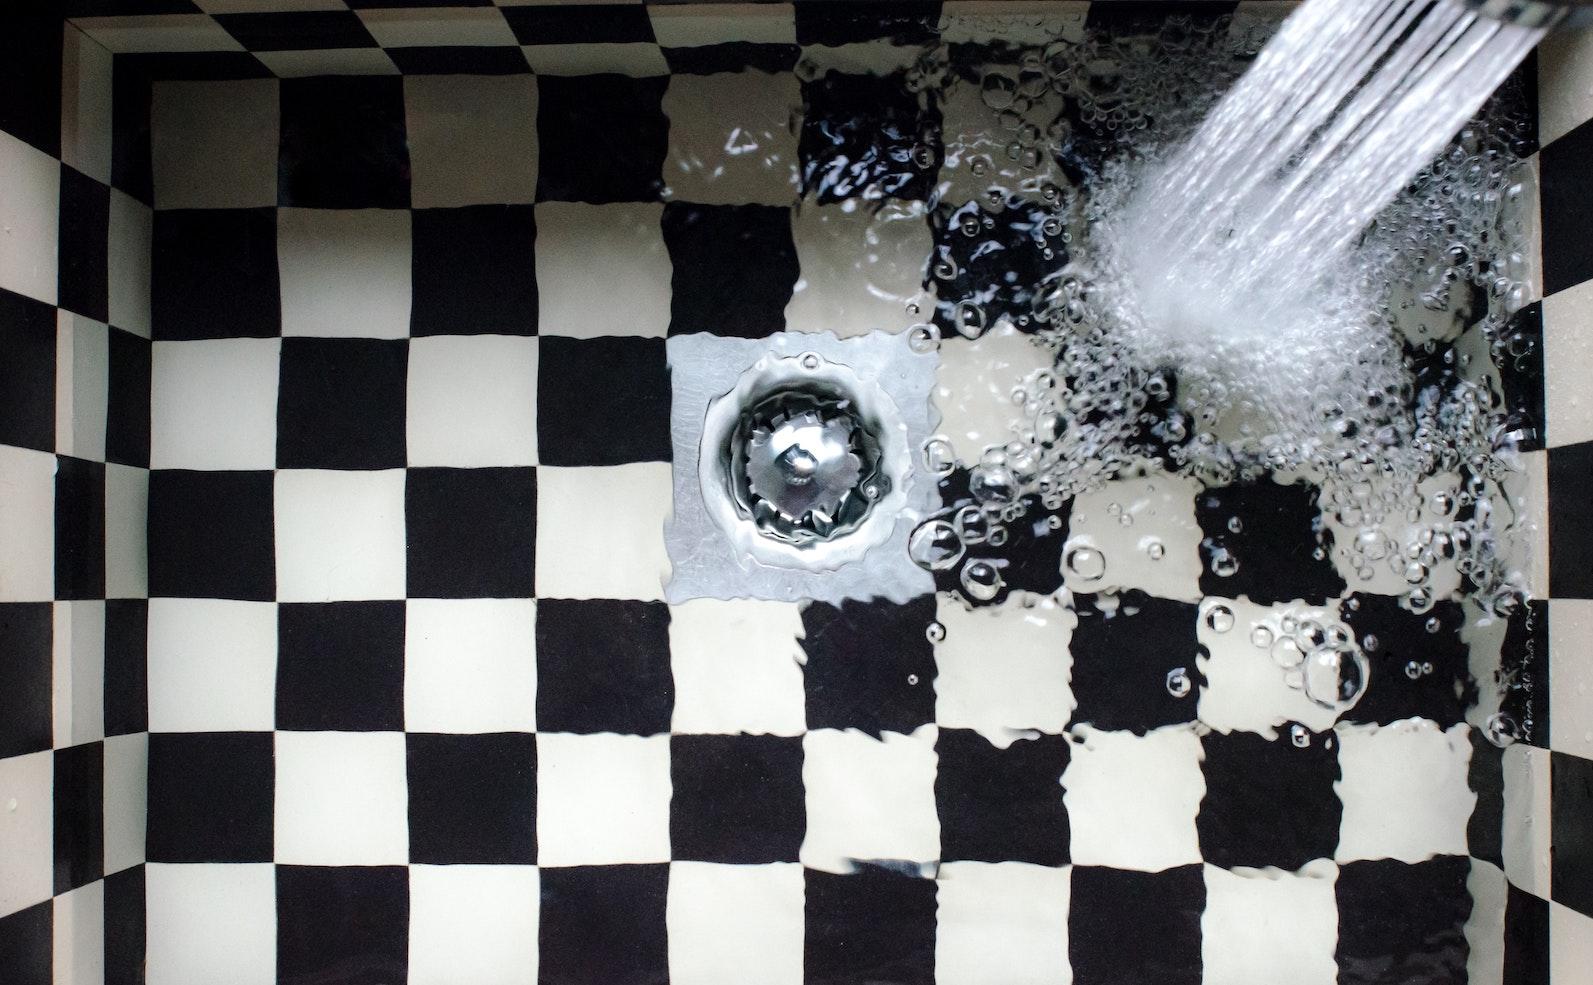 Abfluss in der Dusche stinkt: Was tun? – Badratgeber.com